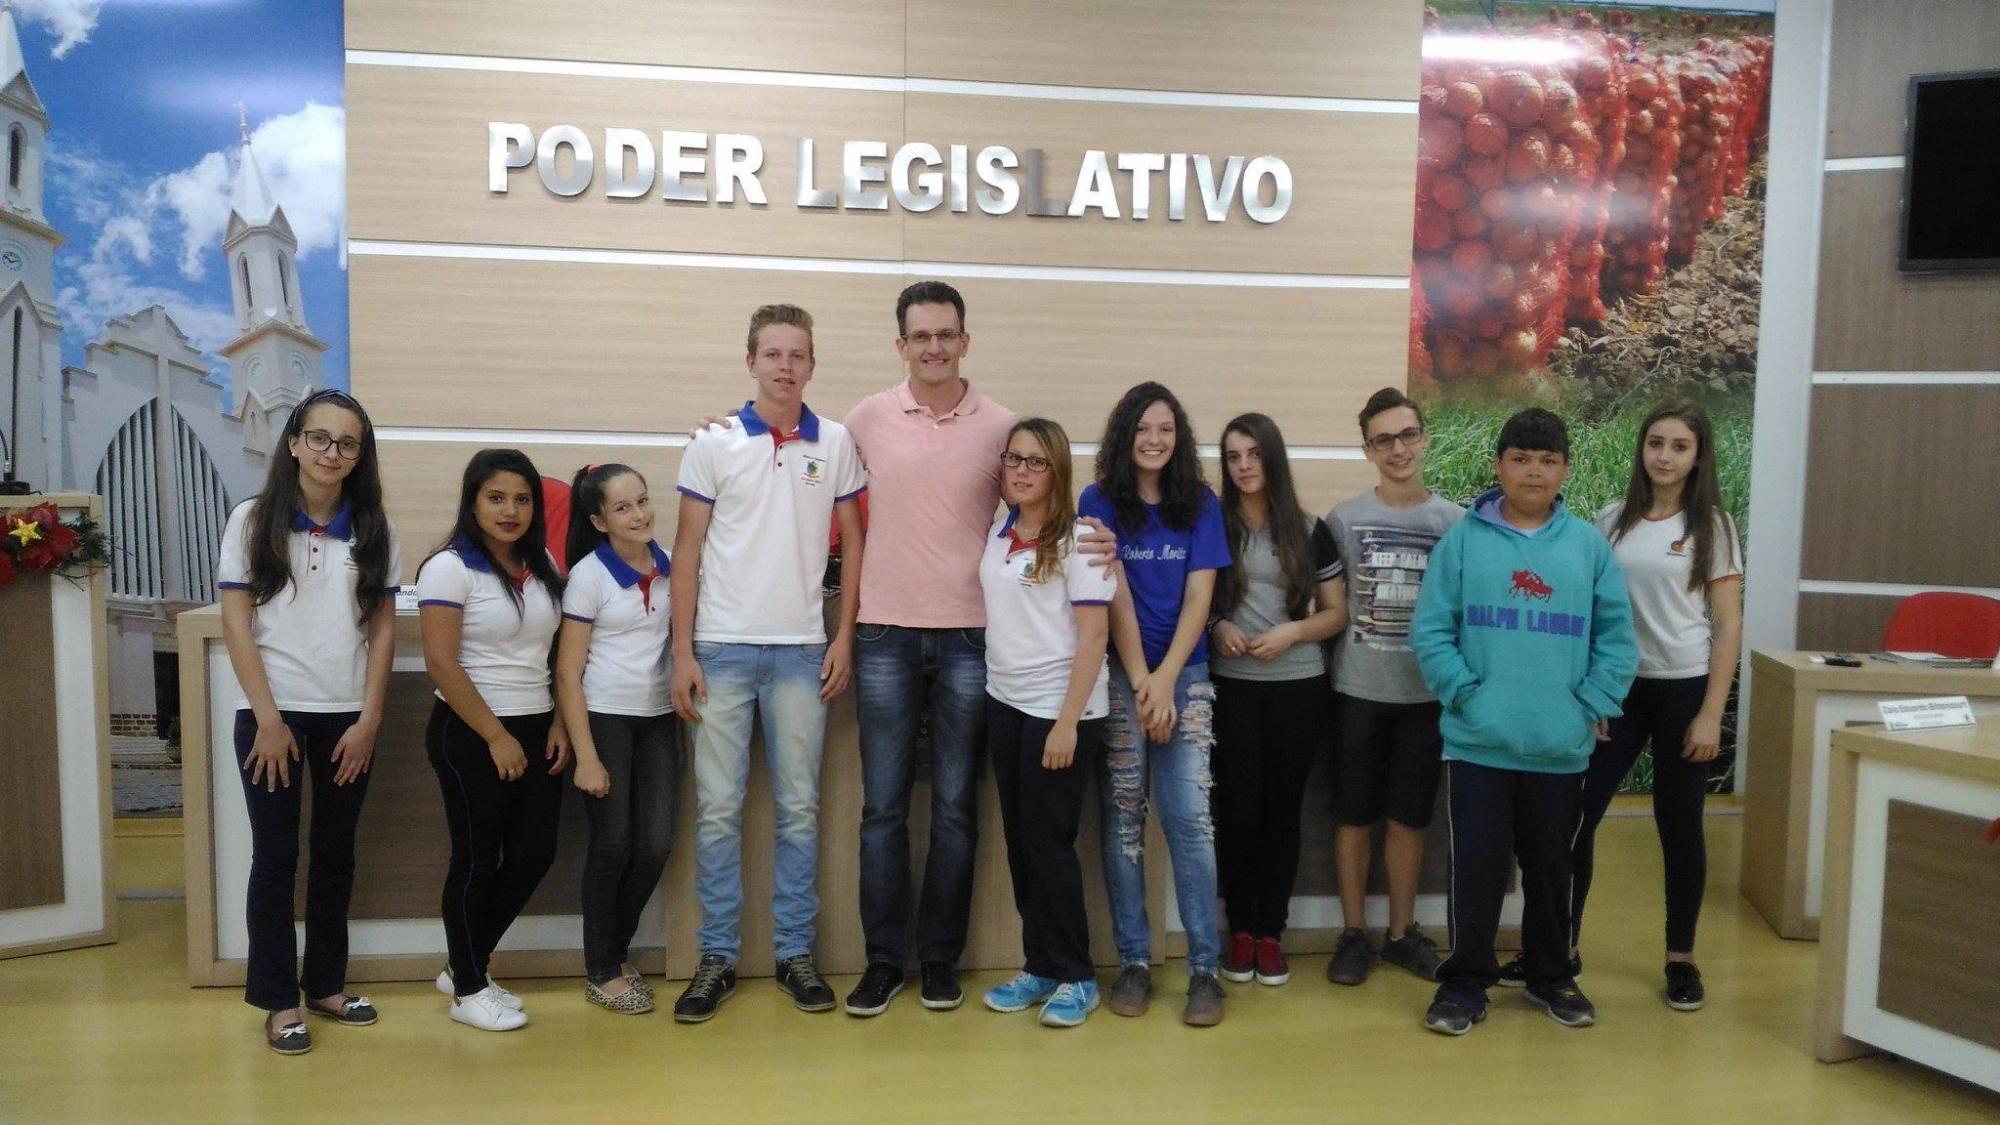 Eleitos os Vereadores Mirins para a gestão 2017 em Ituporanga